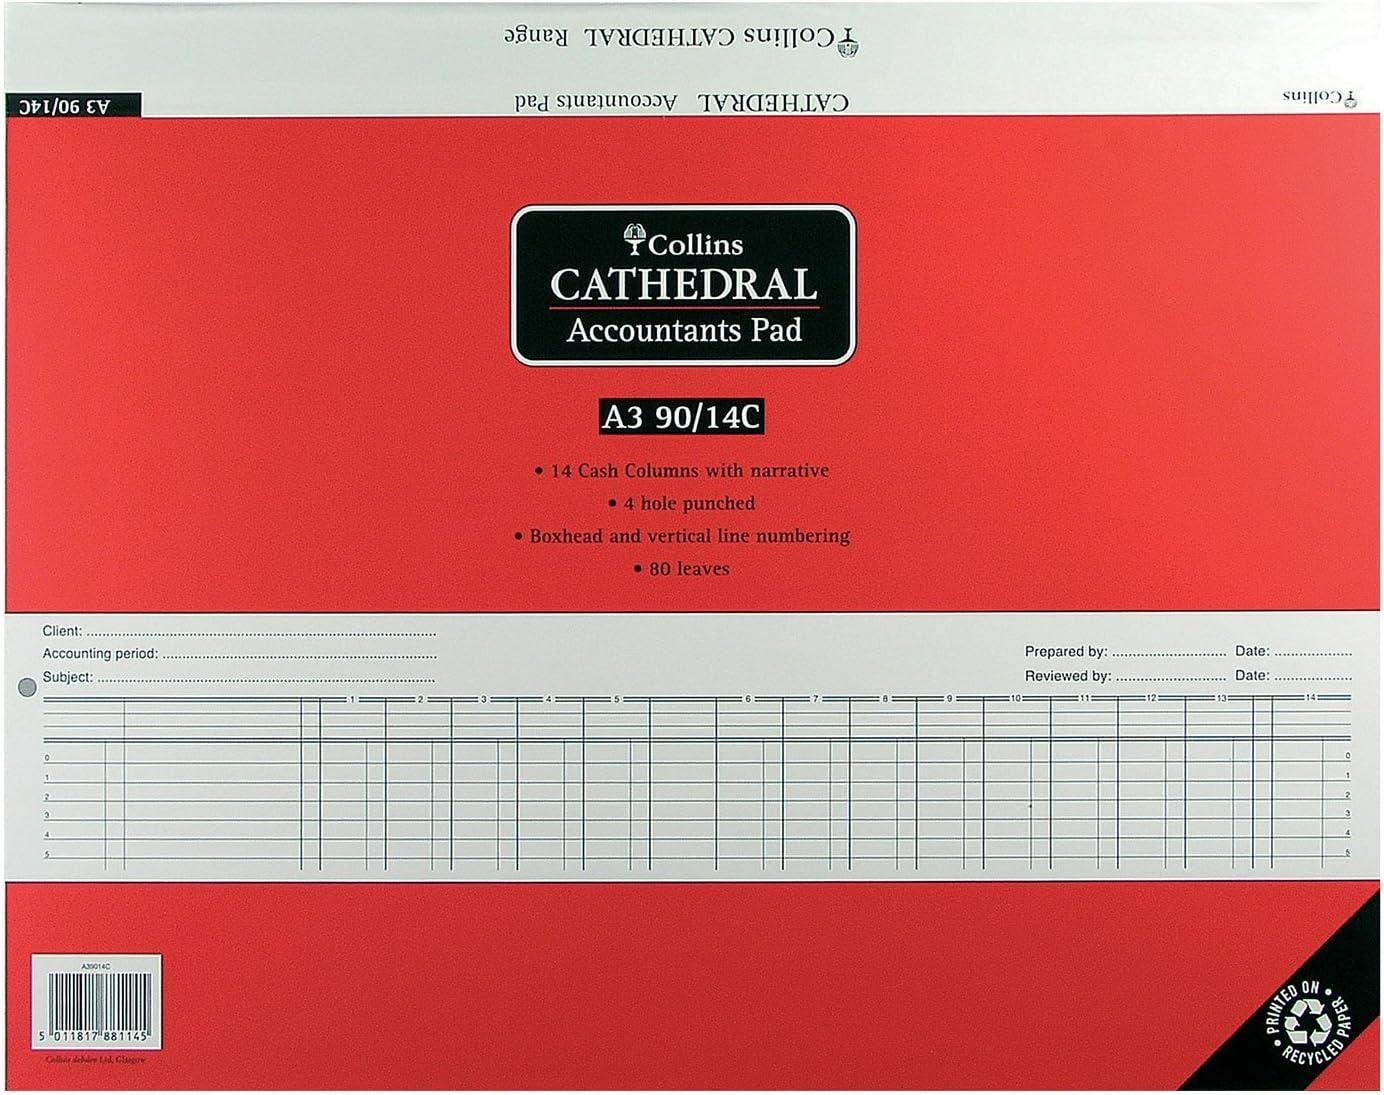 Collins A3//90//14C A4 14 Cash Columns Accountant Pad